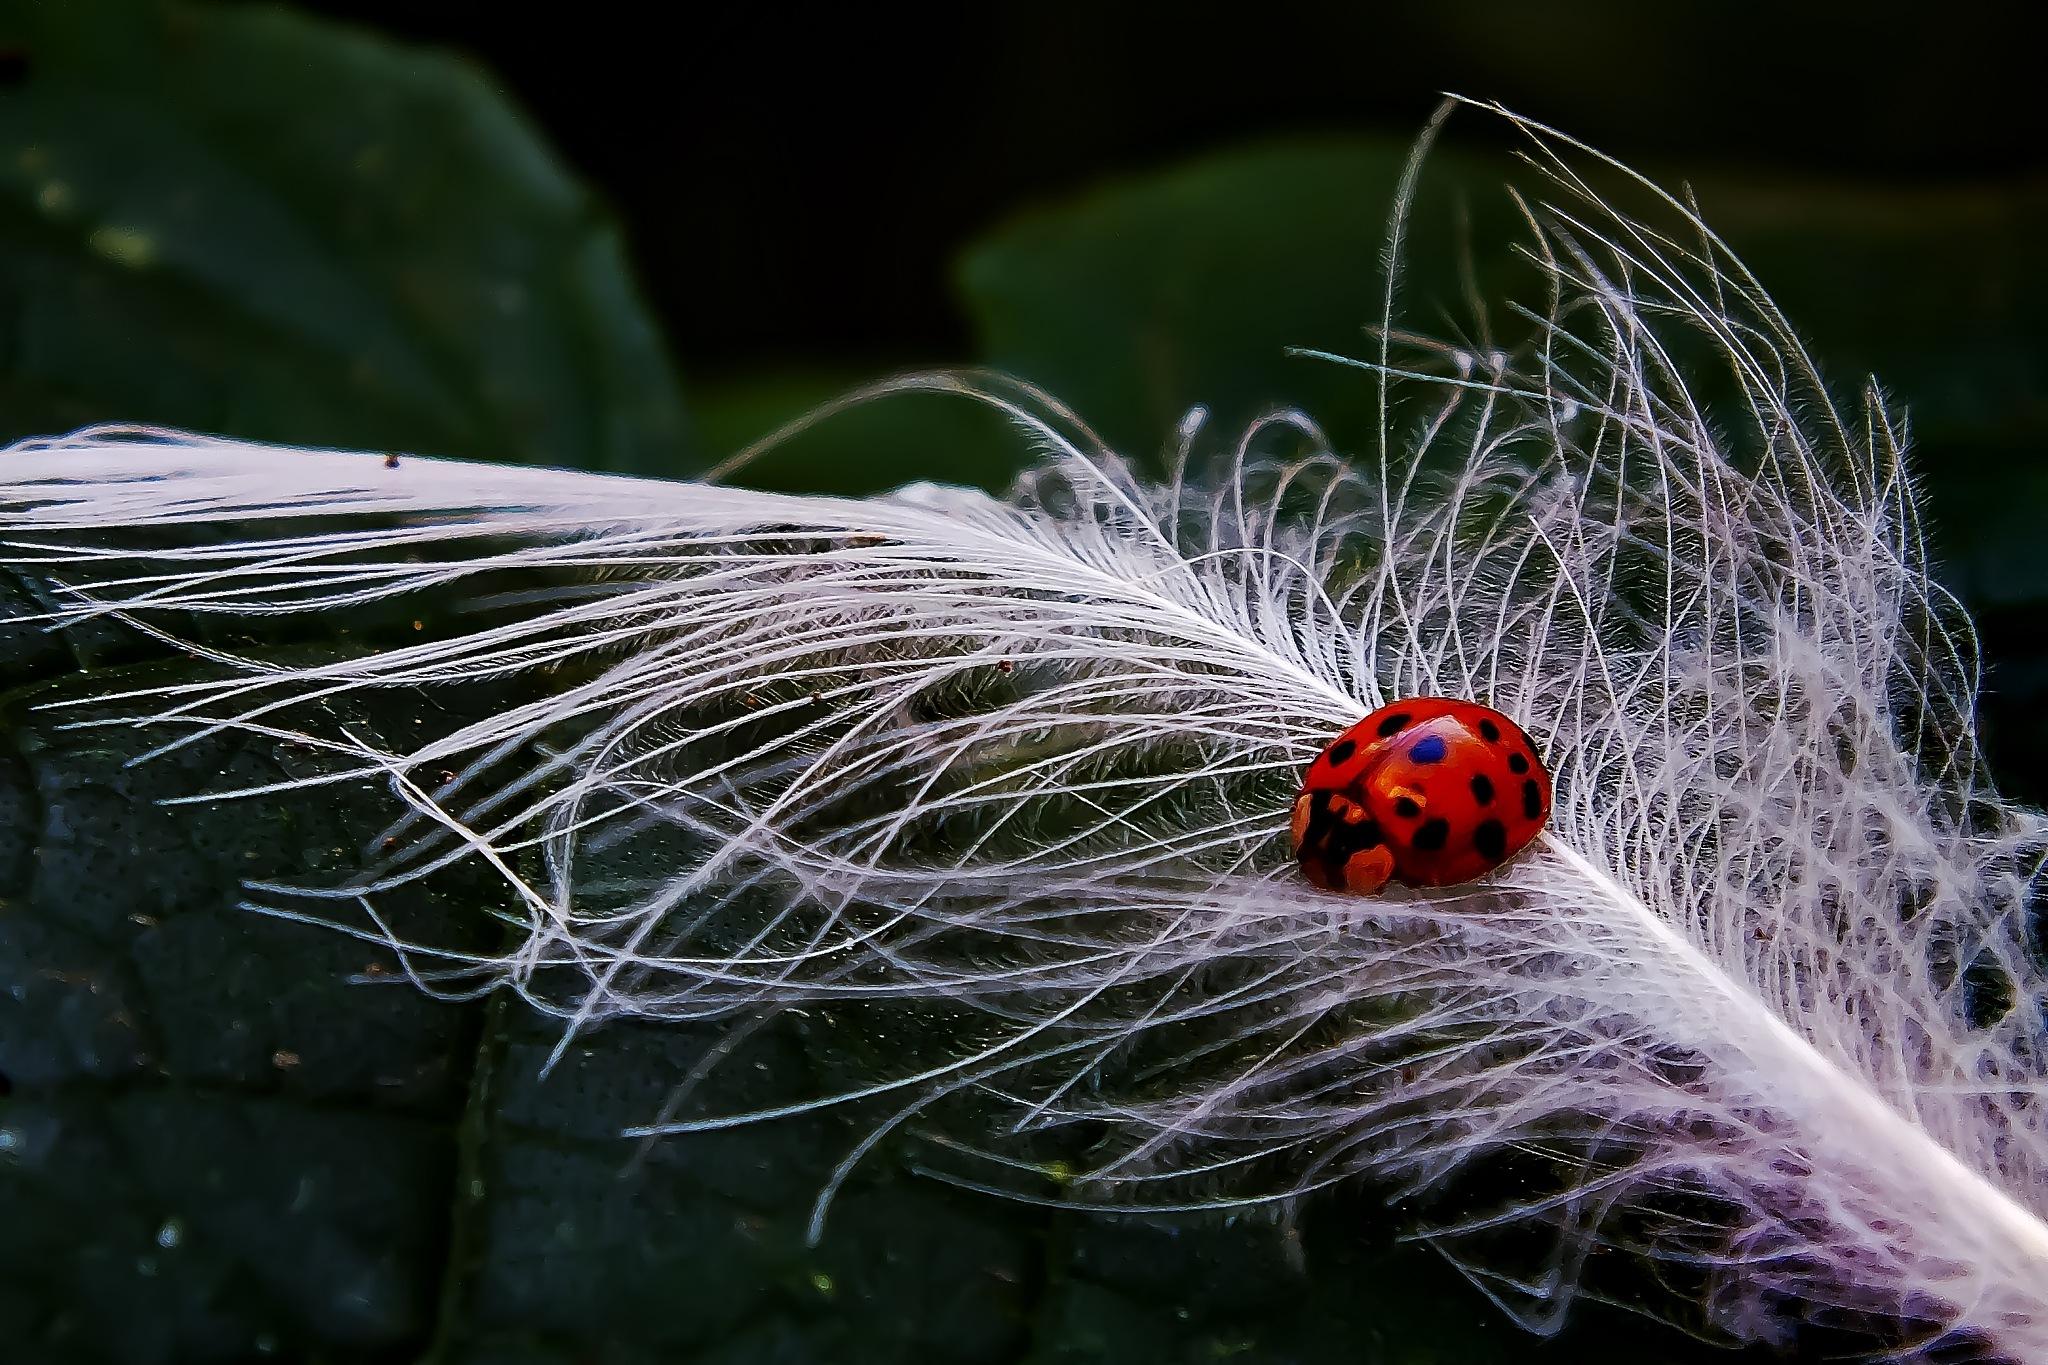 The Ladybug by Arda Erlik